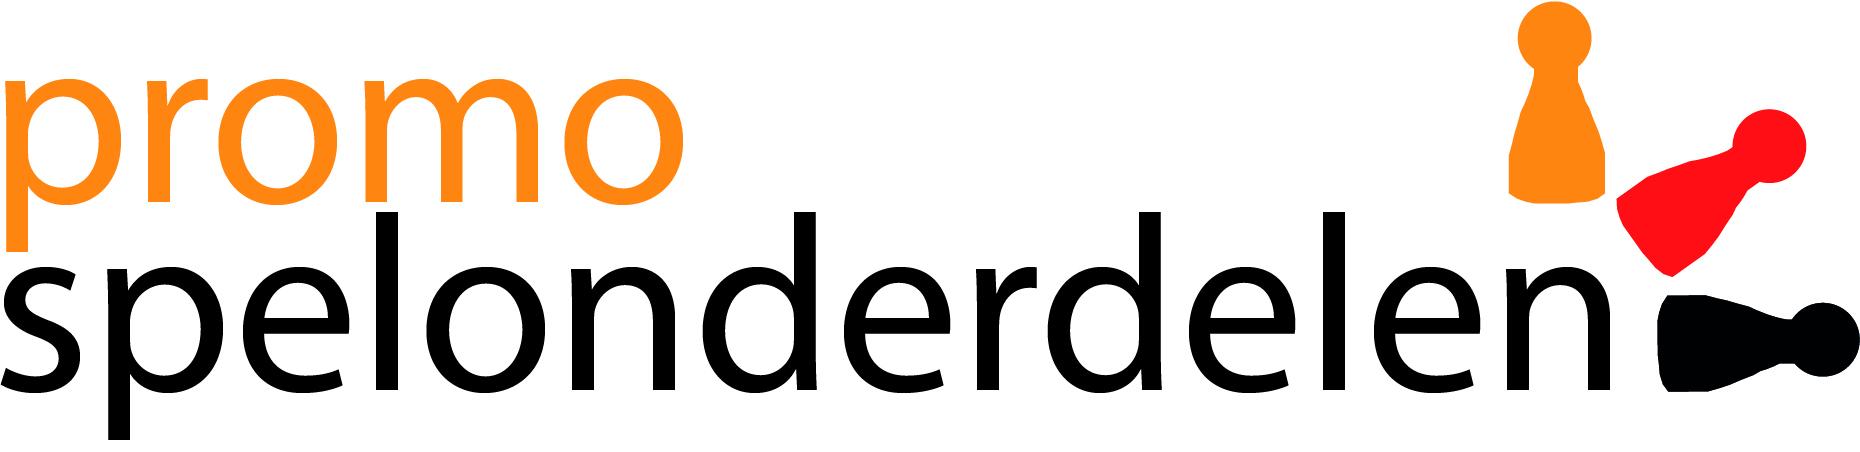 promospelonderdelen.nl